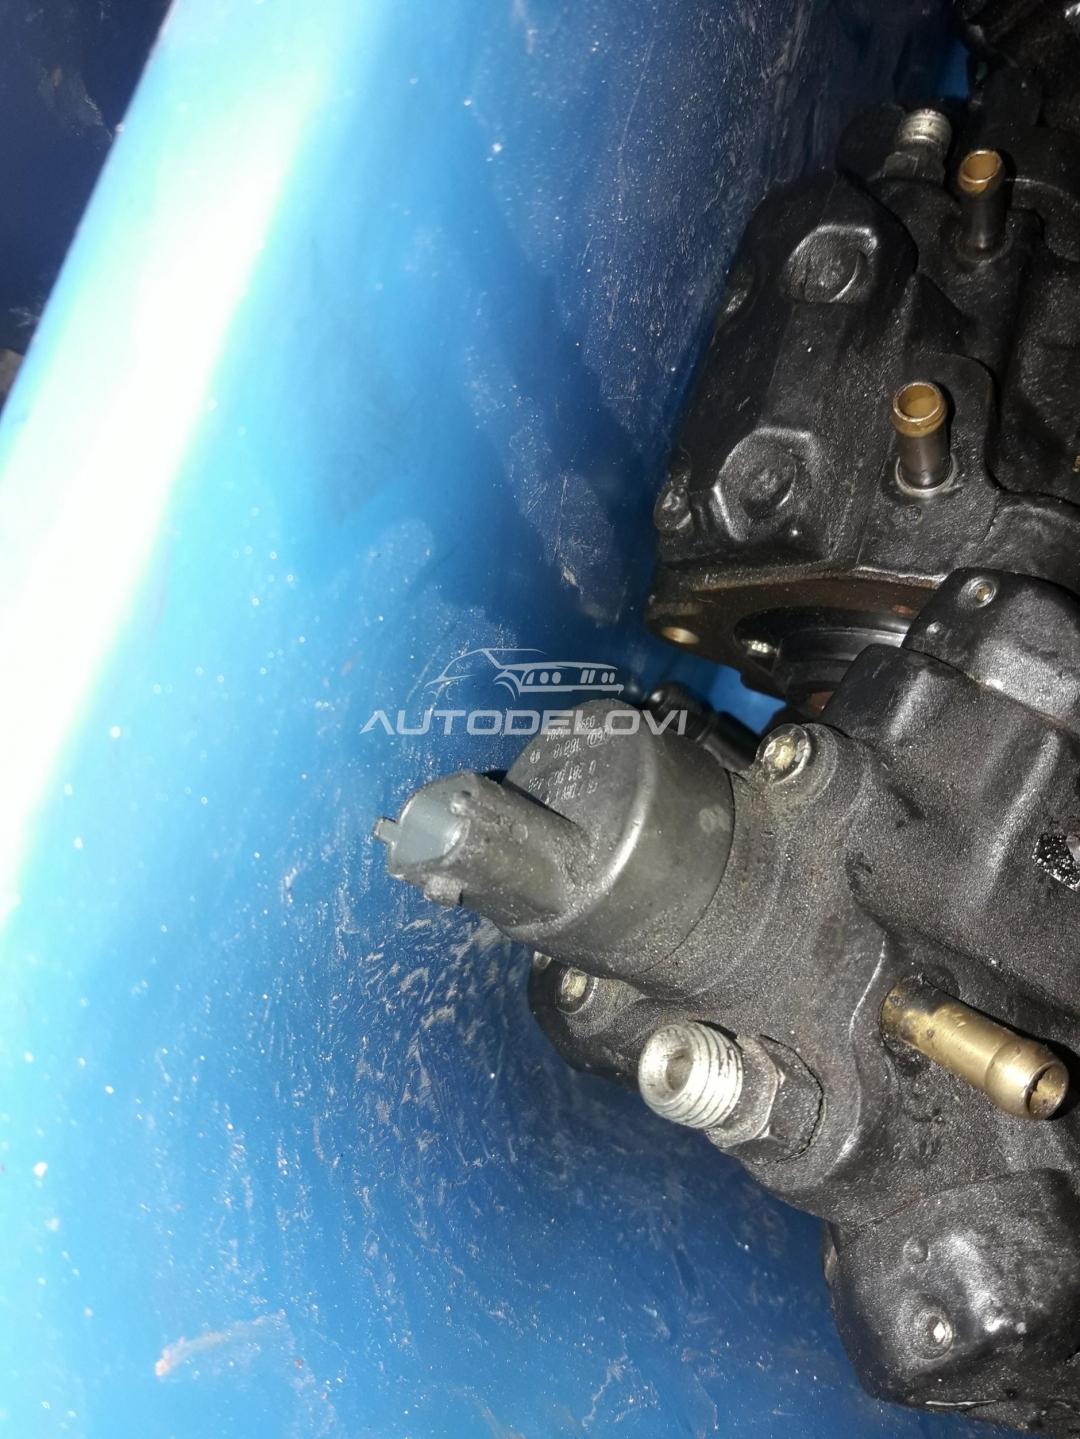 Fiat Multipla 1.9 jtd pumpa visokog pritiska